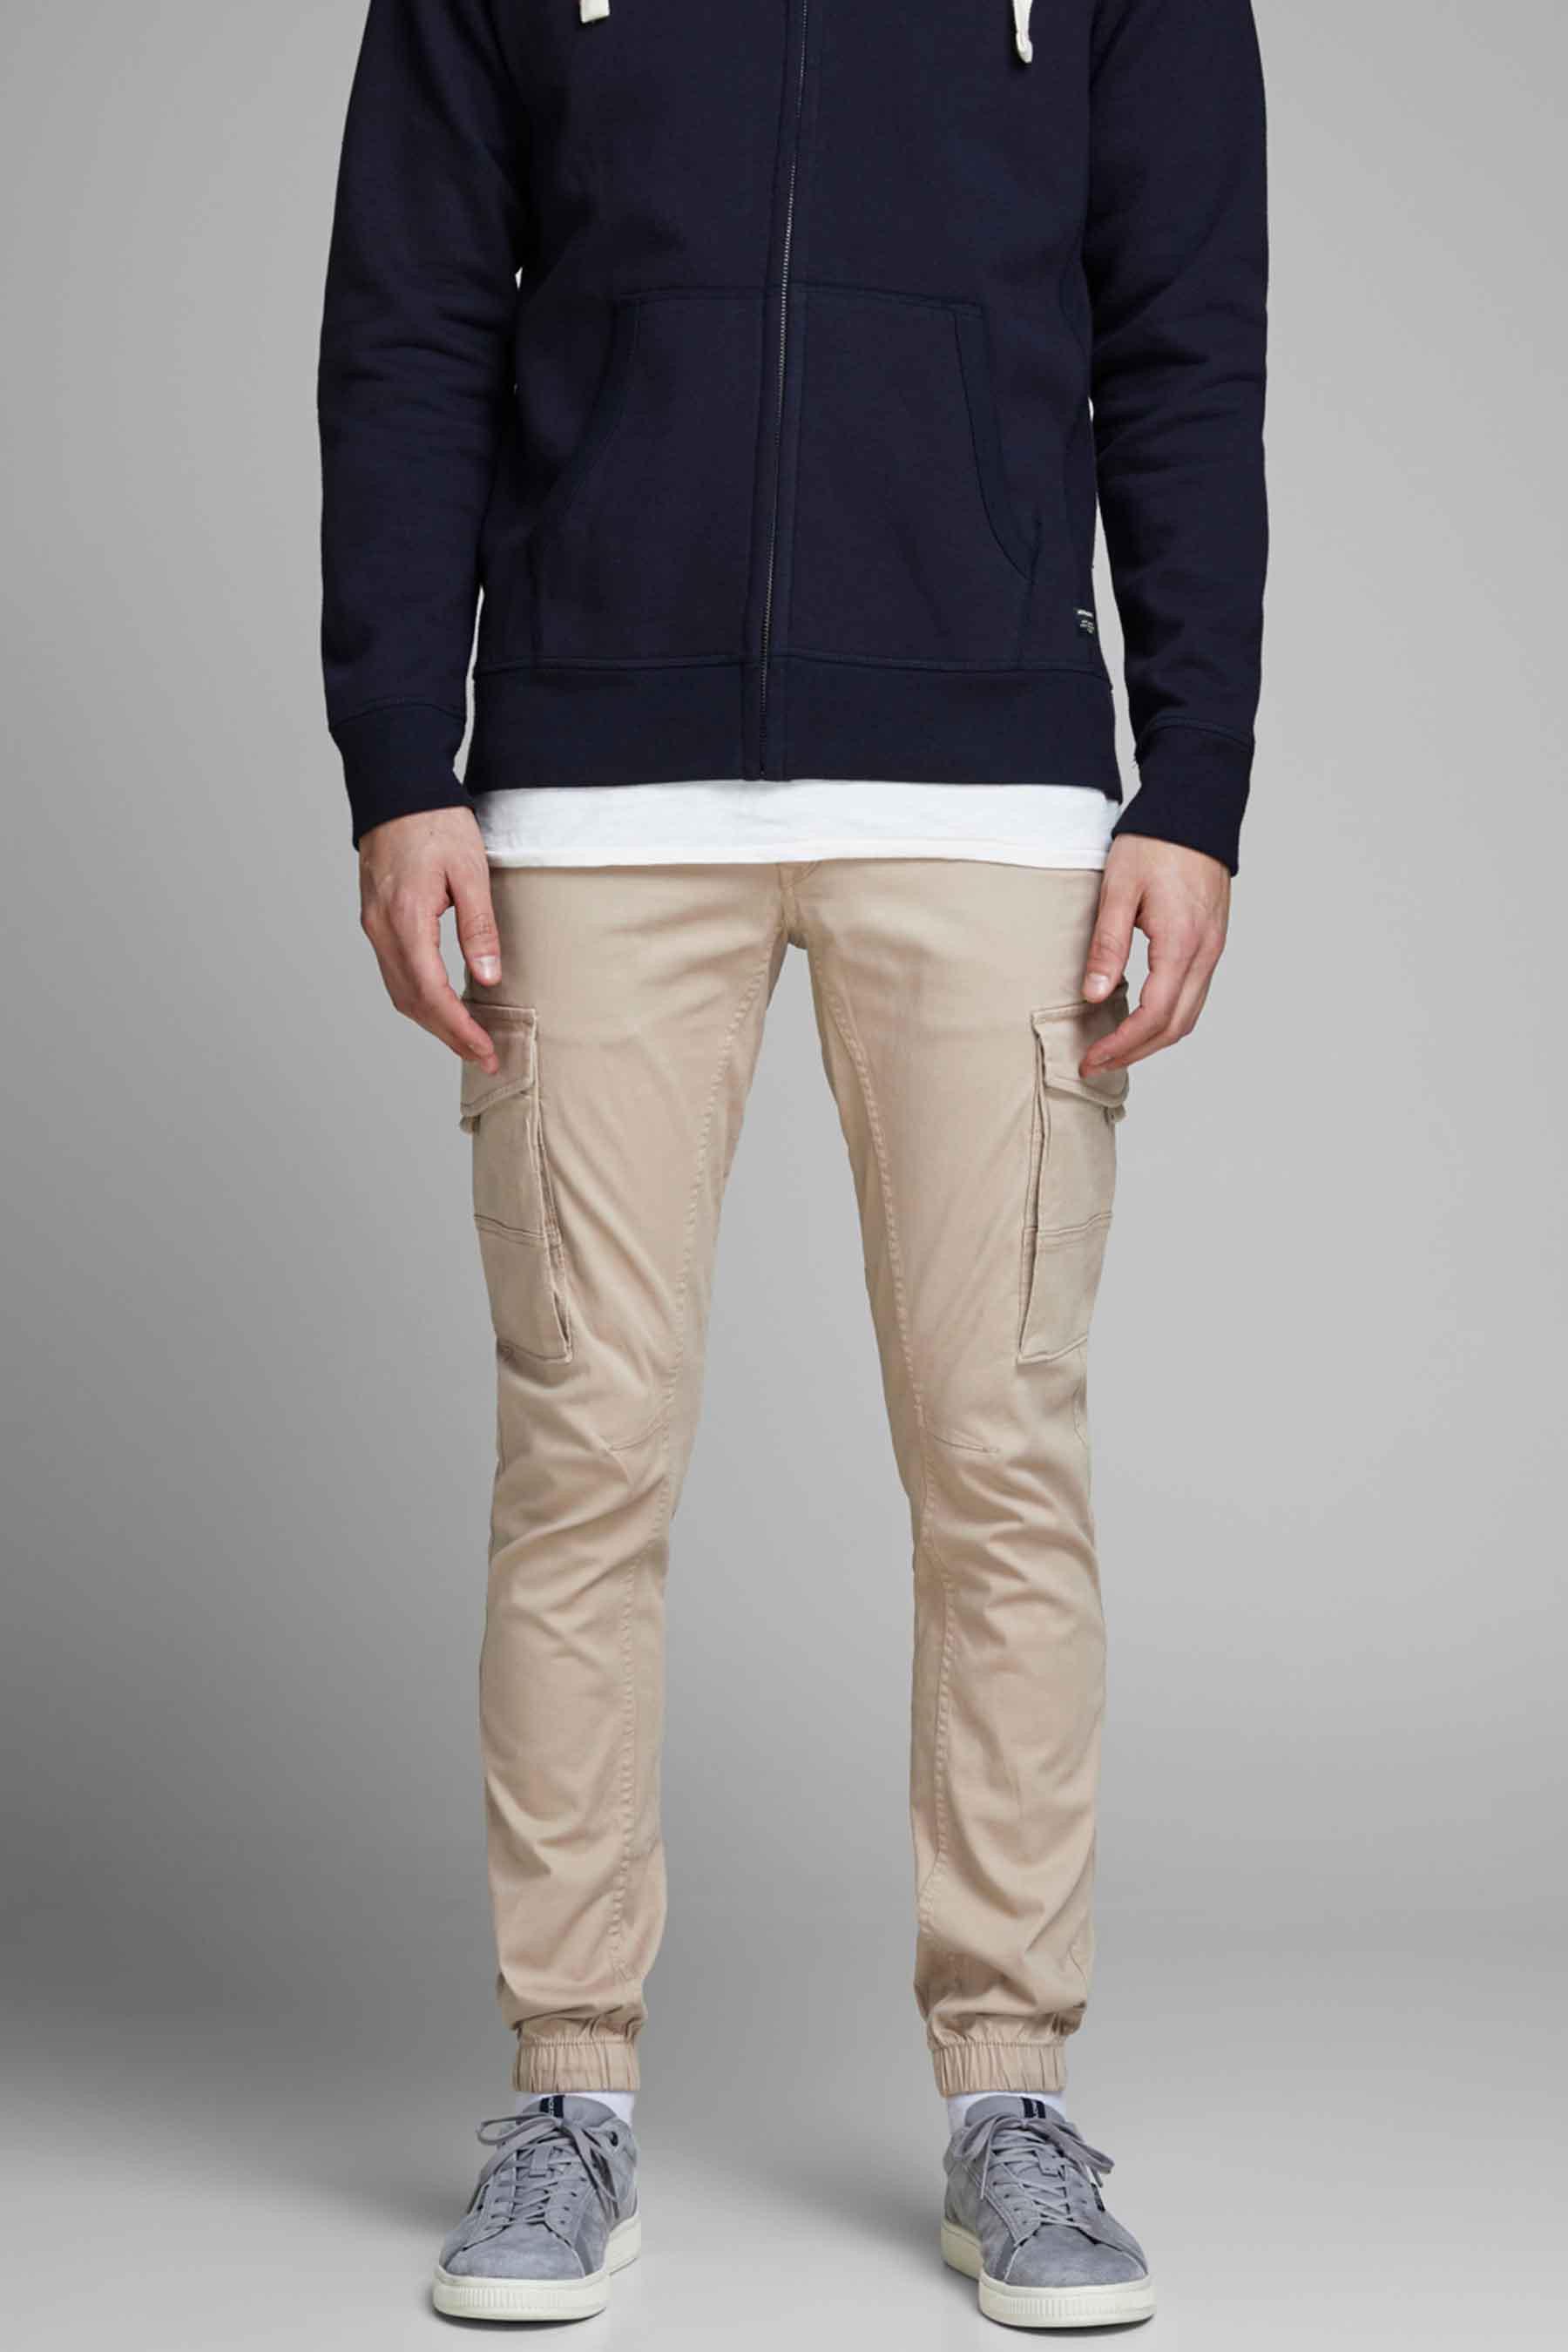 Jack & Jones Jeans Intelligenc Broek, Wit, Heren, Maat: 30x36/32x36/33x30/33x36/